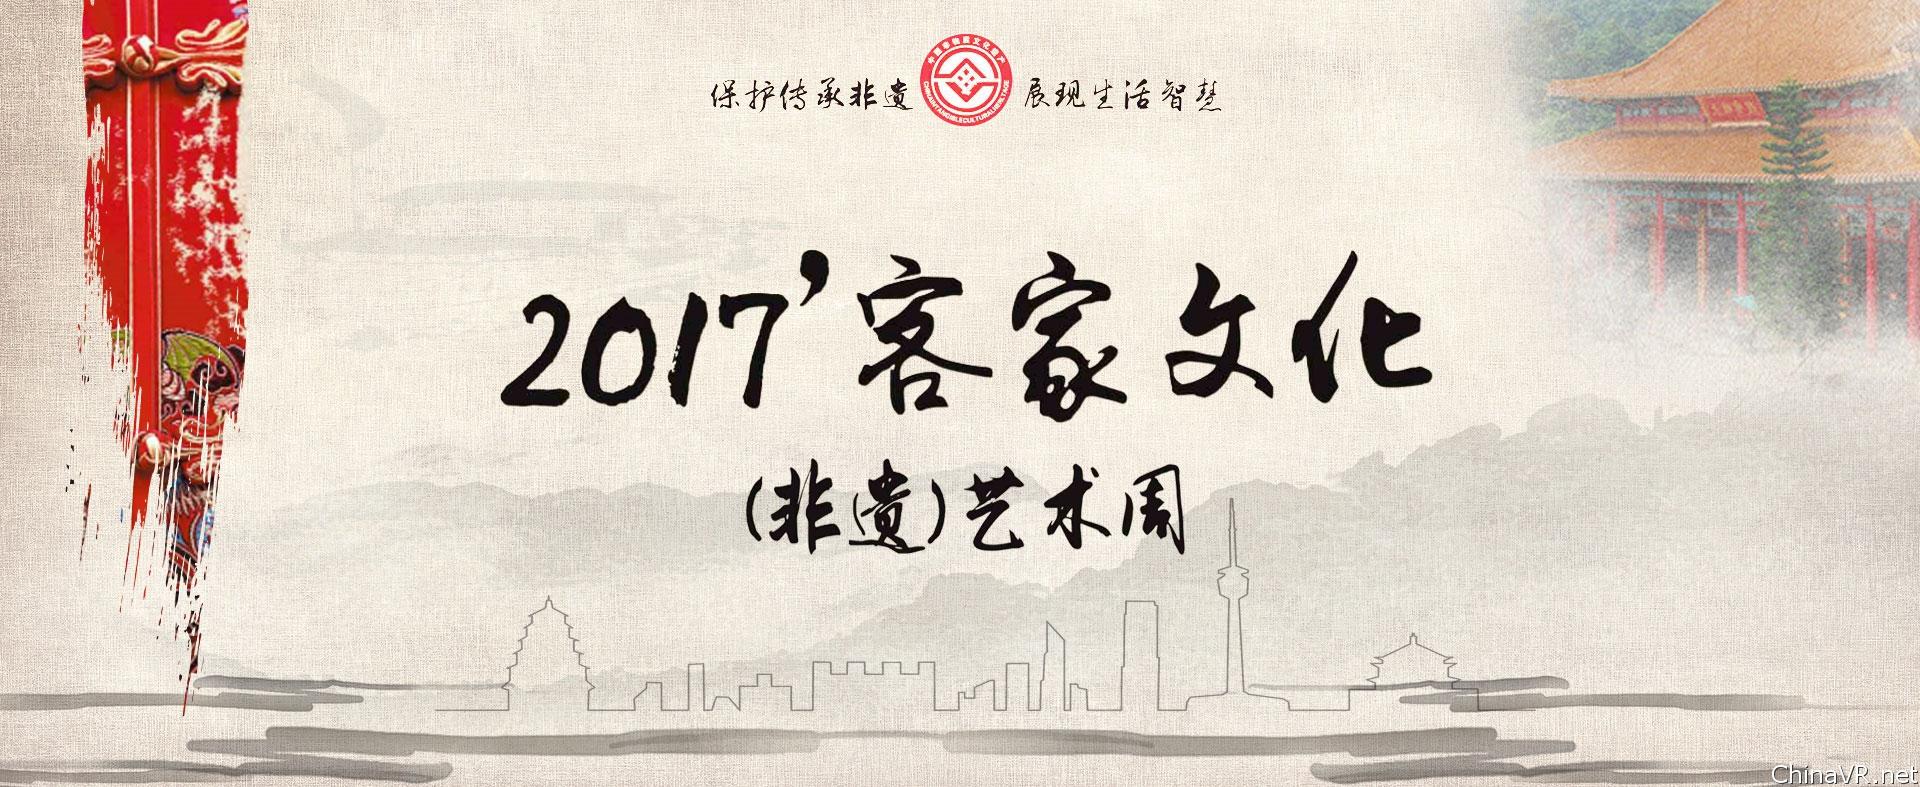 2017客家文化(非遗)艺术周